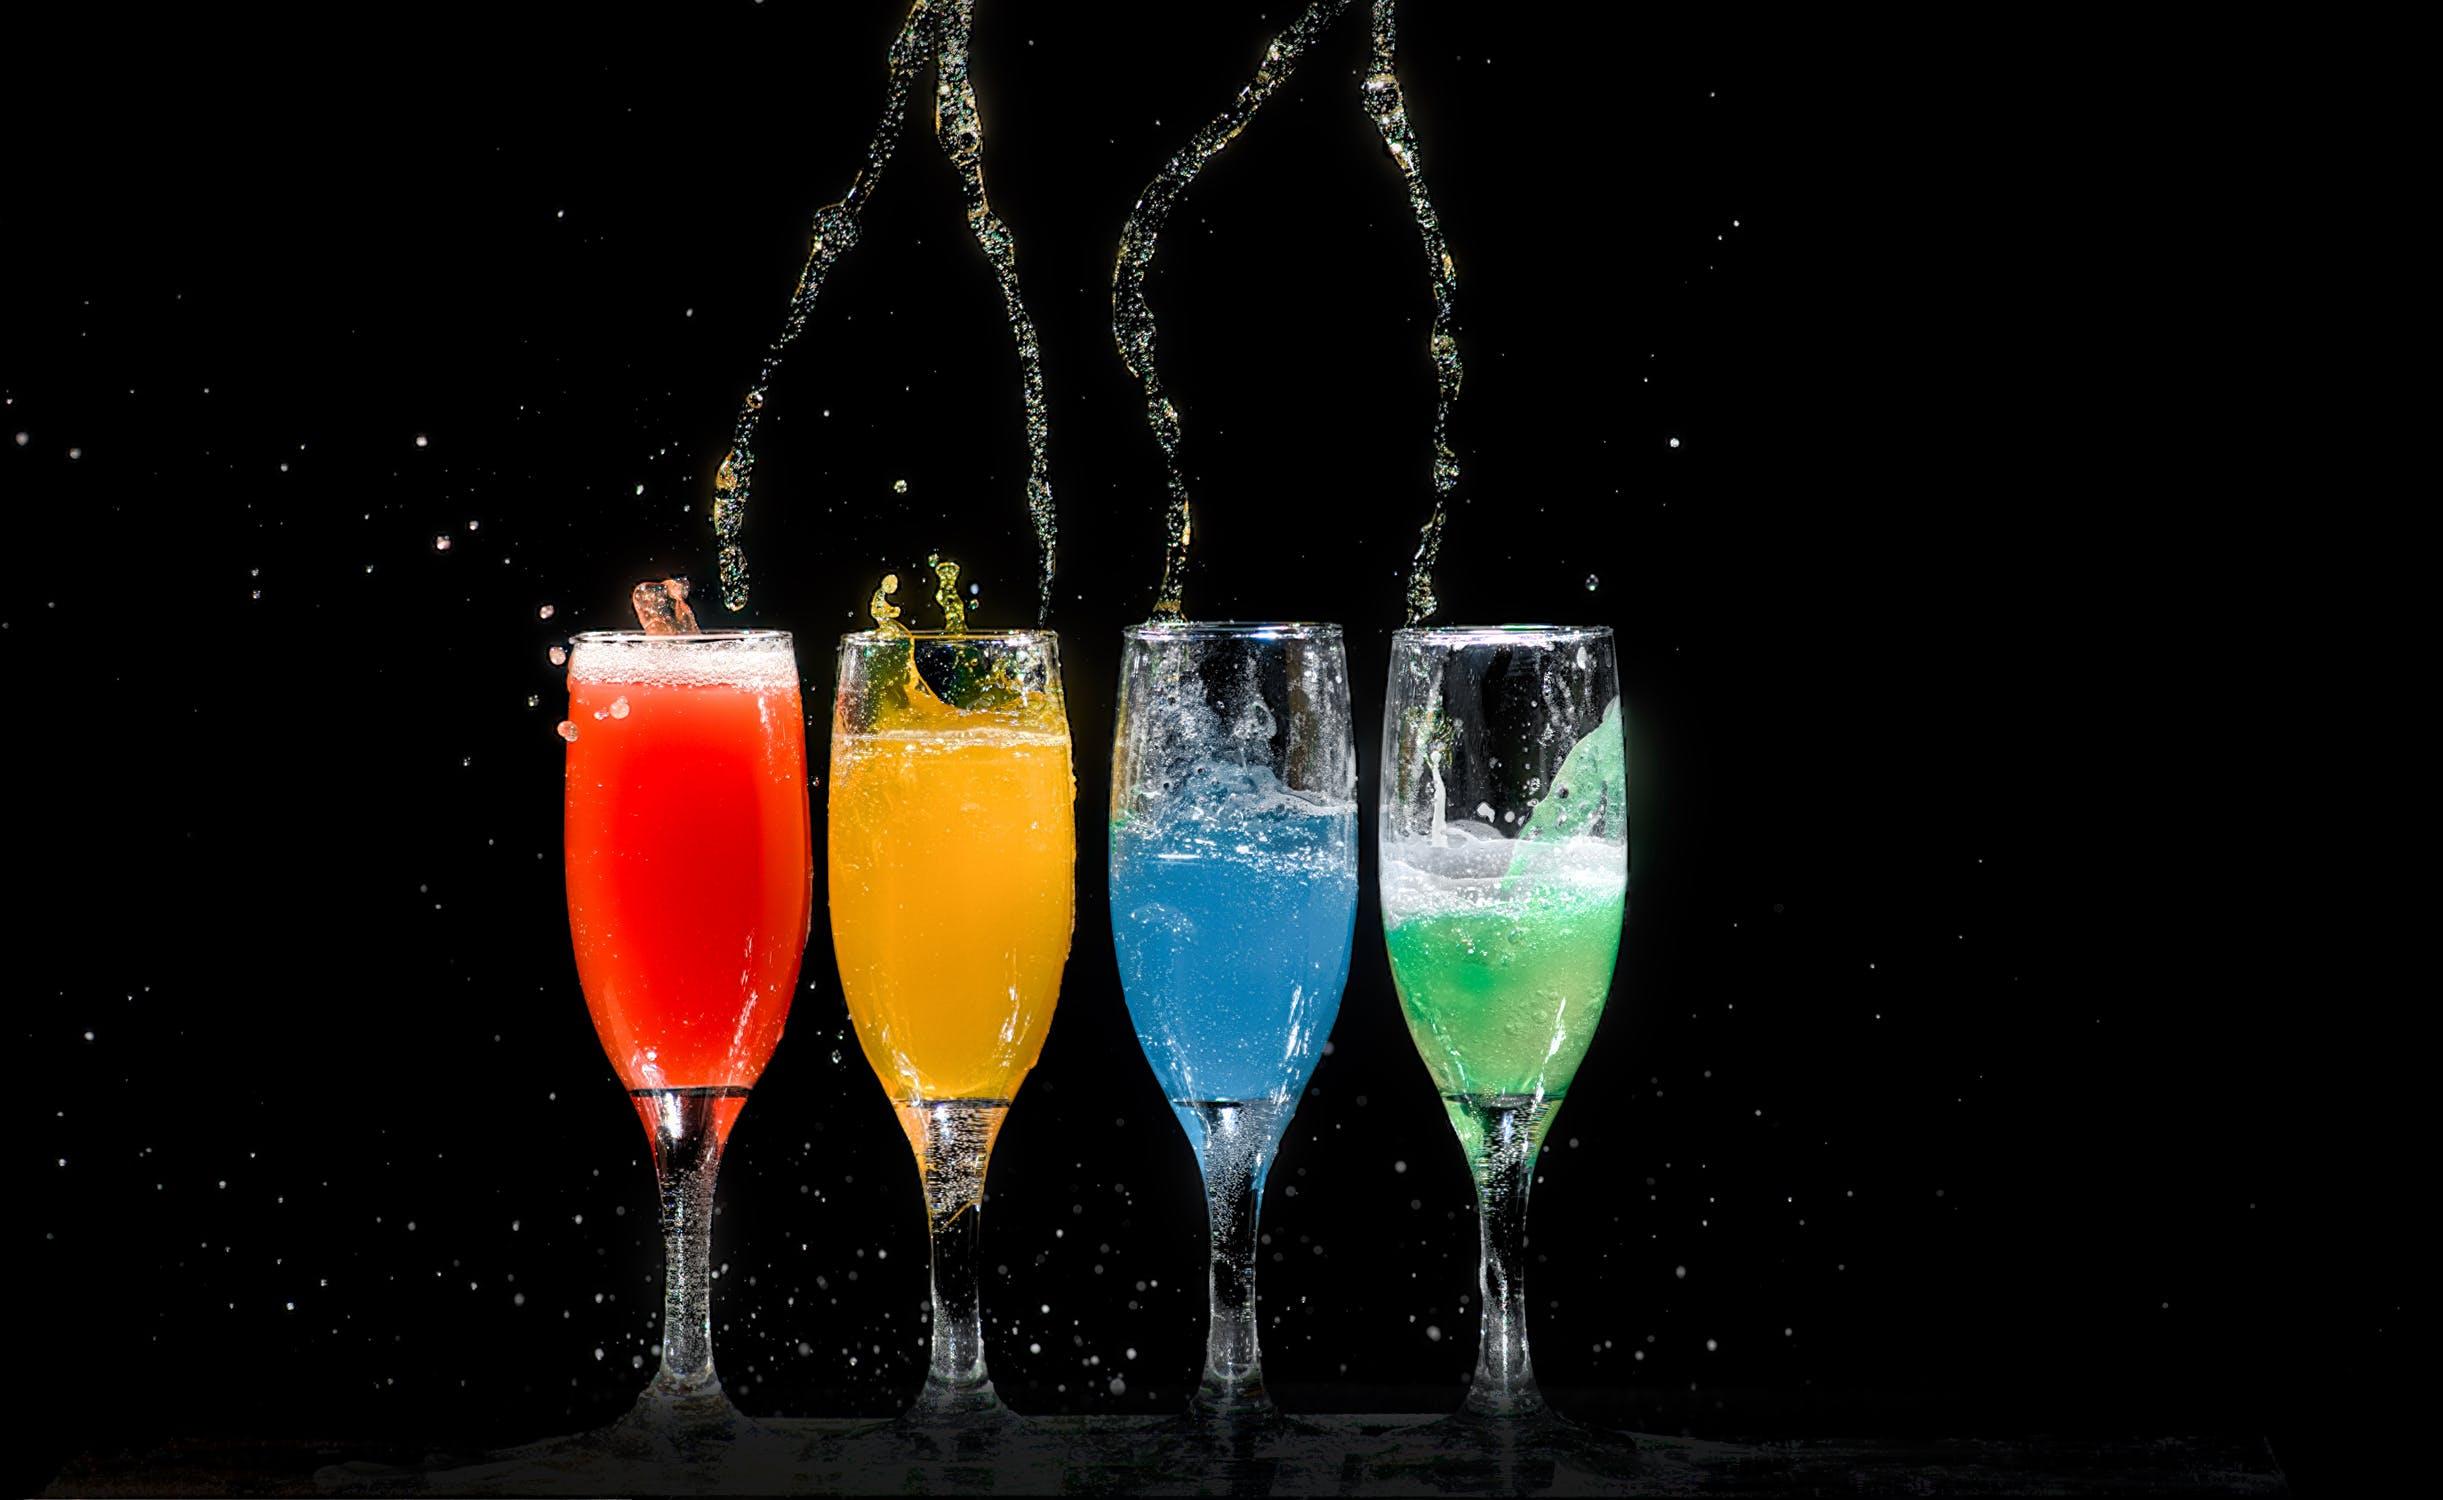 Wat zijn populaire drankjes voor op een festival?